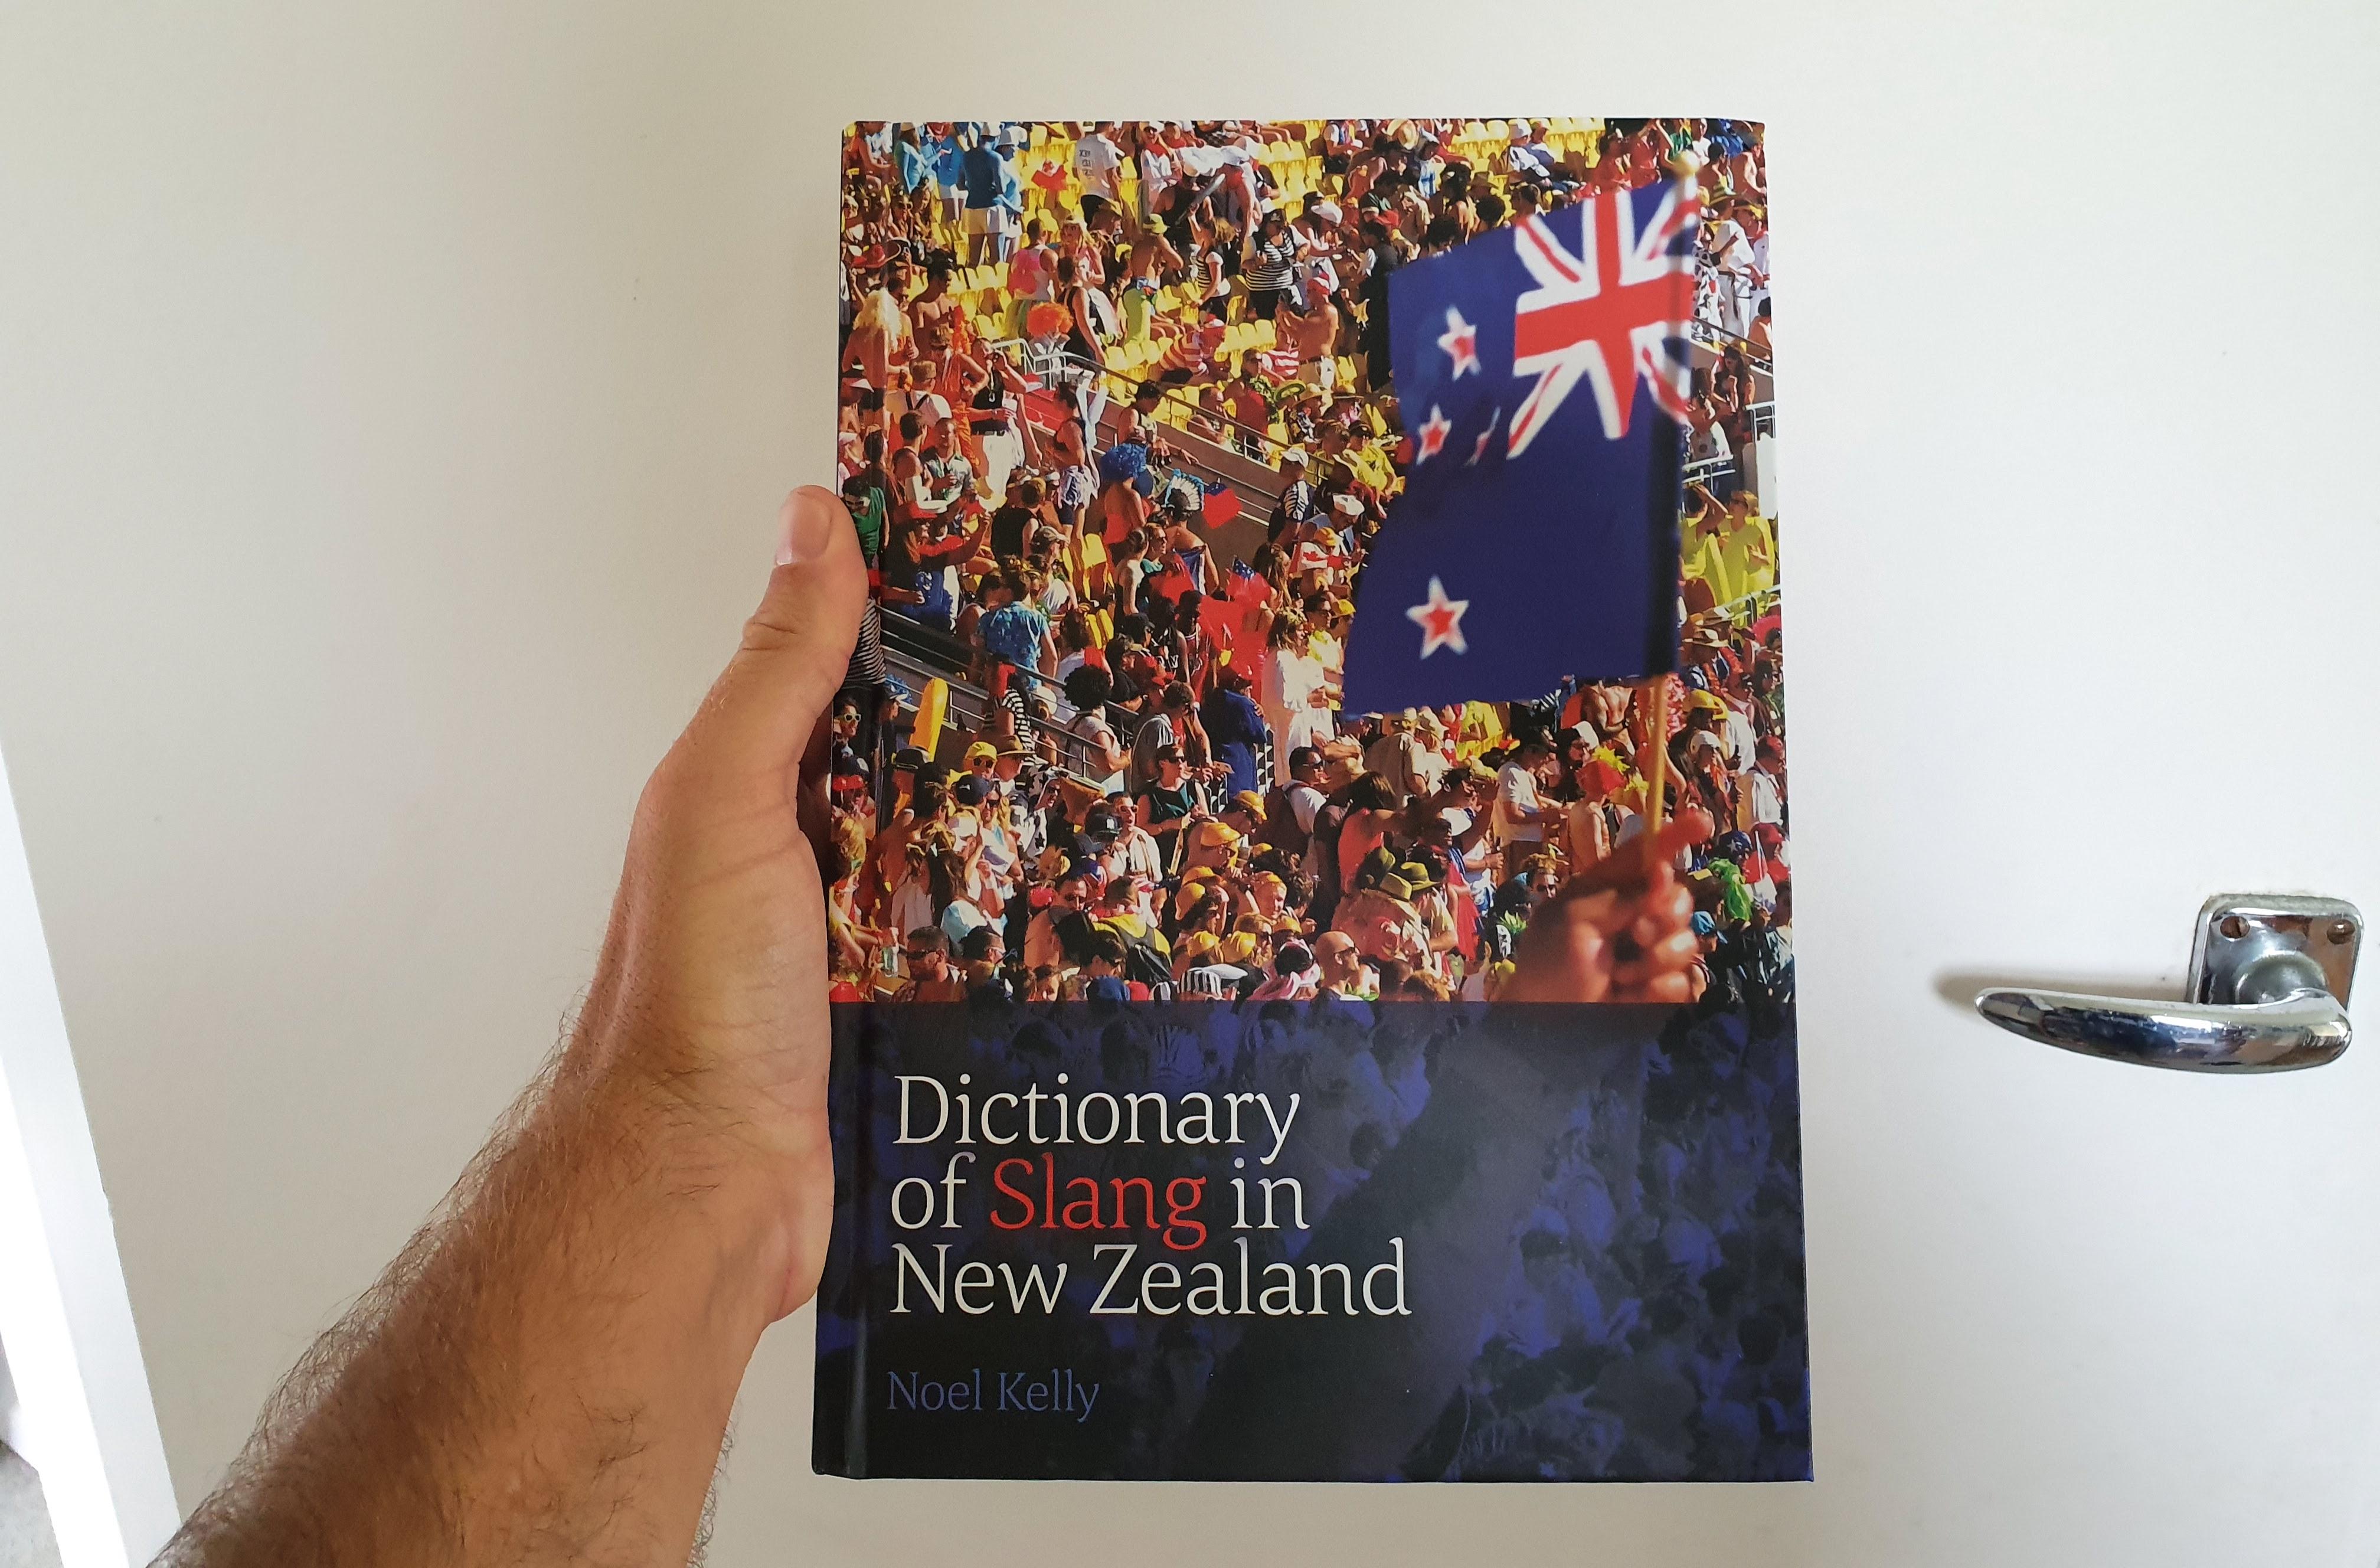 book by noel kelly